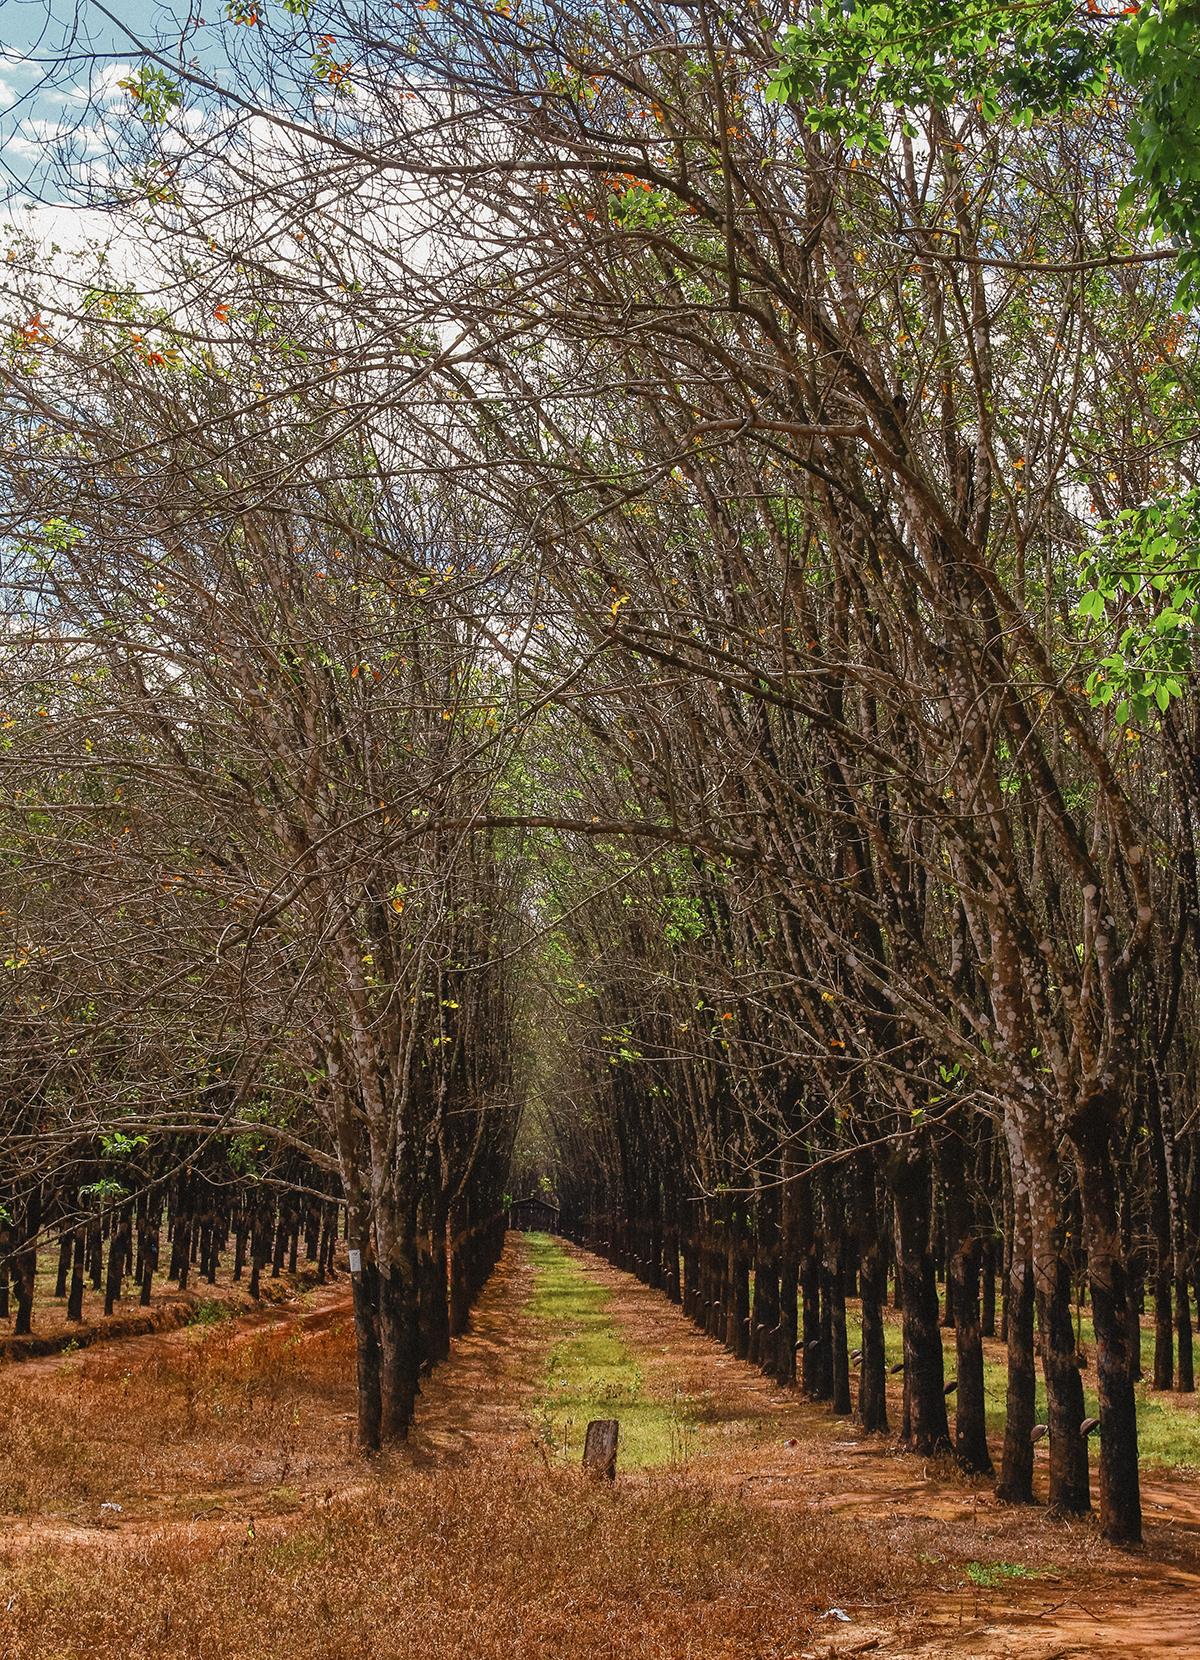 Những hàng cây được trồng thẳng tăm tắp, tuy khô trụi lá, thân cây khẳng khiu nhưng vô cùng vững chãi và đầy kiêu hãnh như tính cách mộc mạc, giản dị, chân chất của người dân nơi đây.